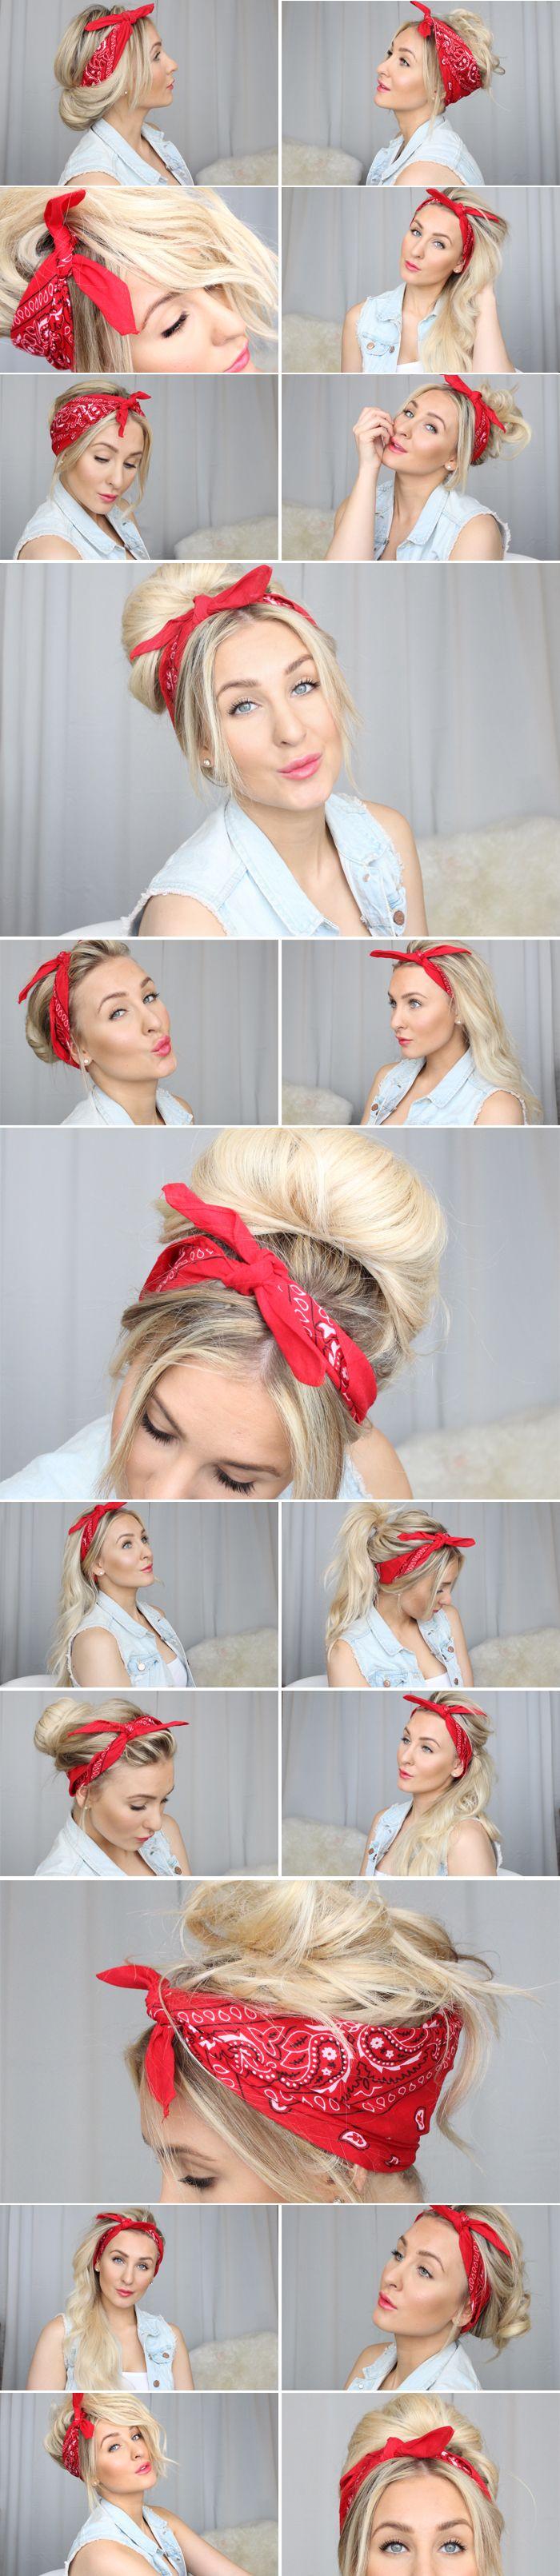 BAD HAIR DAY? Massor av frisyrinspiration med bandana! | Helen Torsgården - Hiilens sminkblogg | Veckorevyn